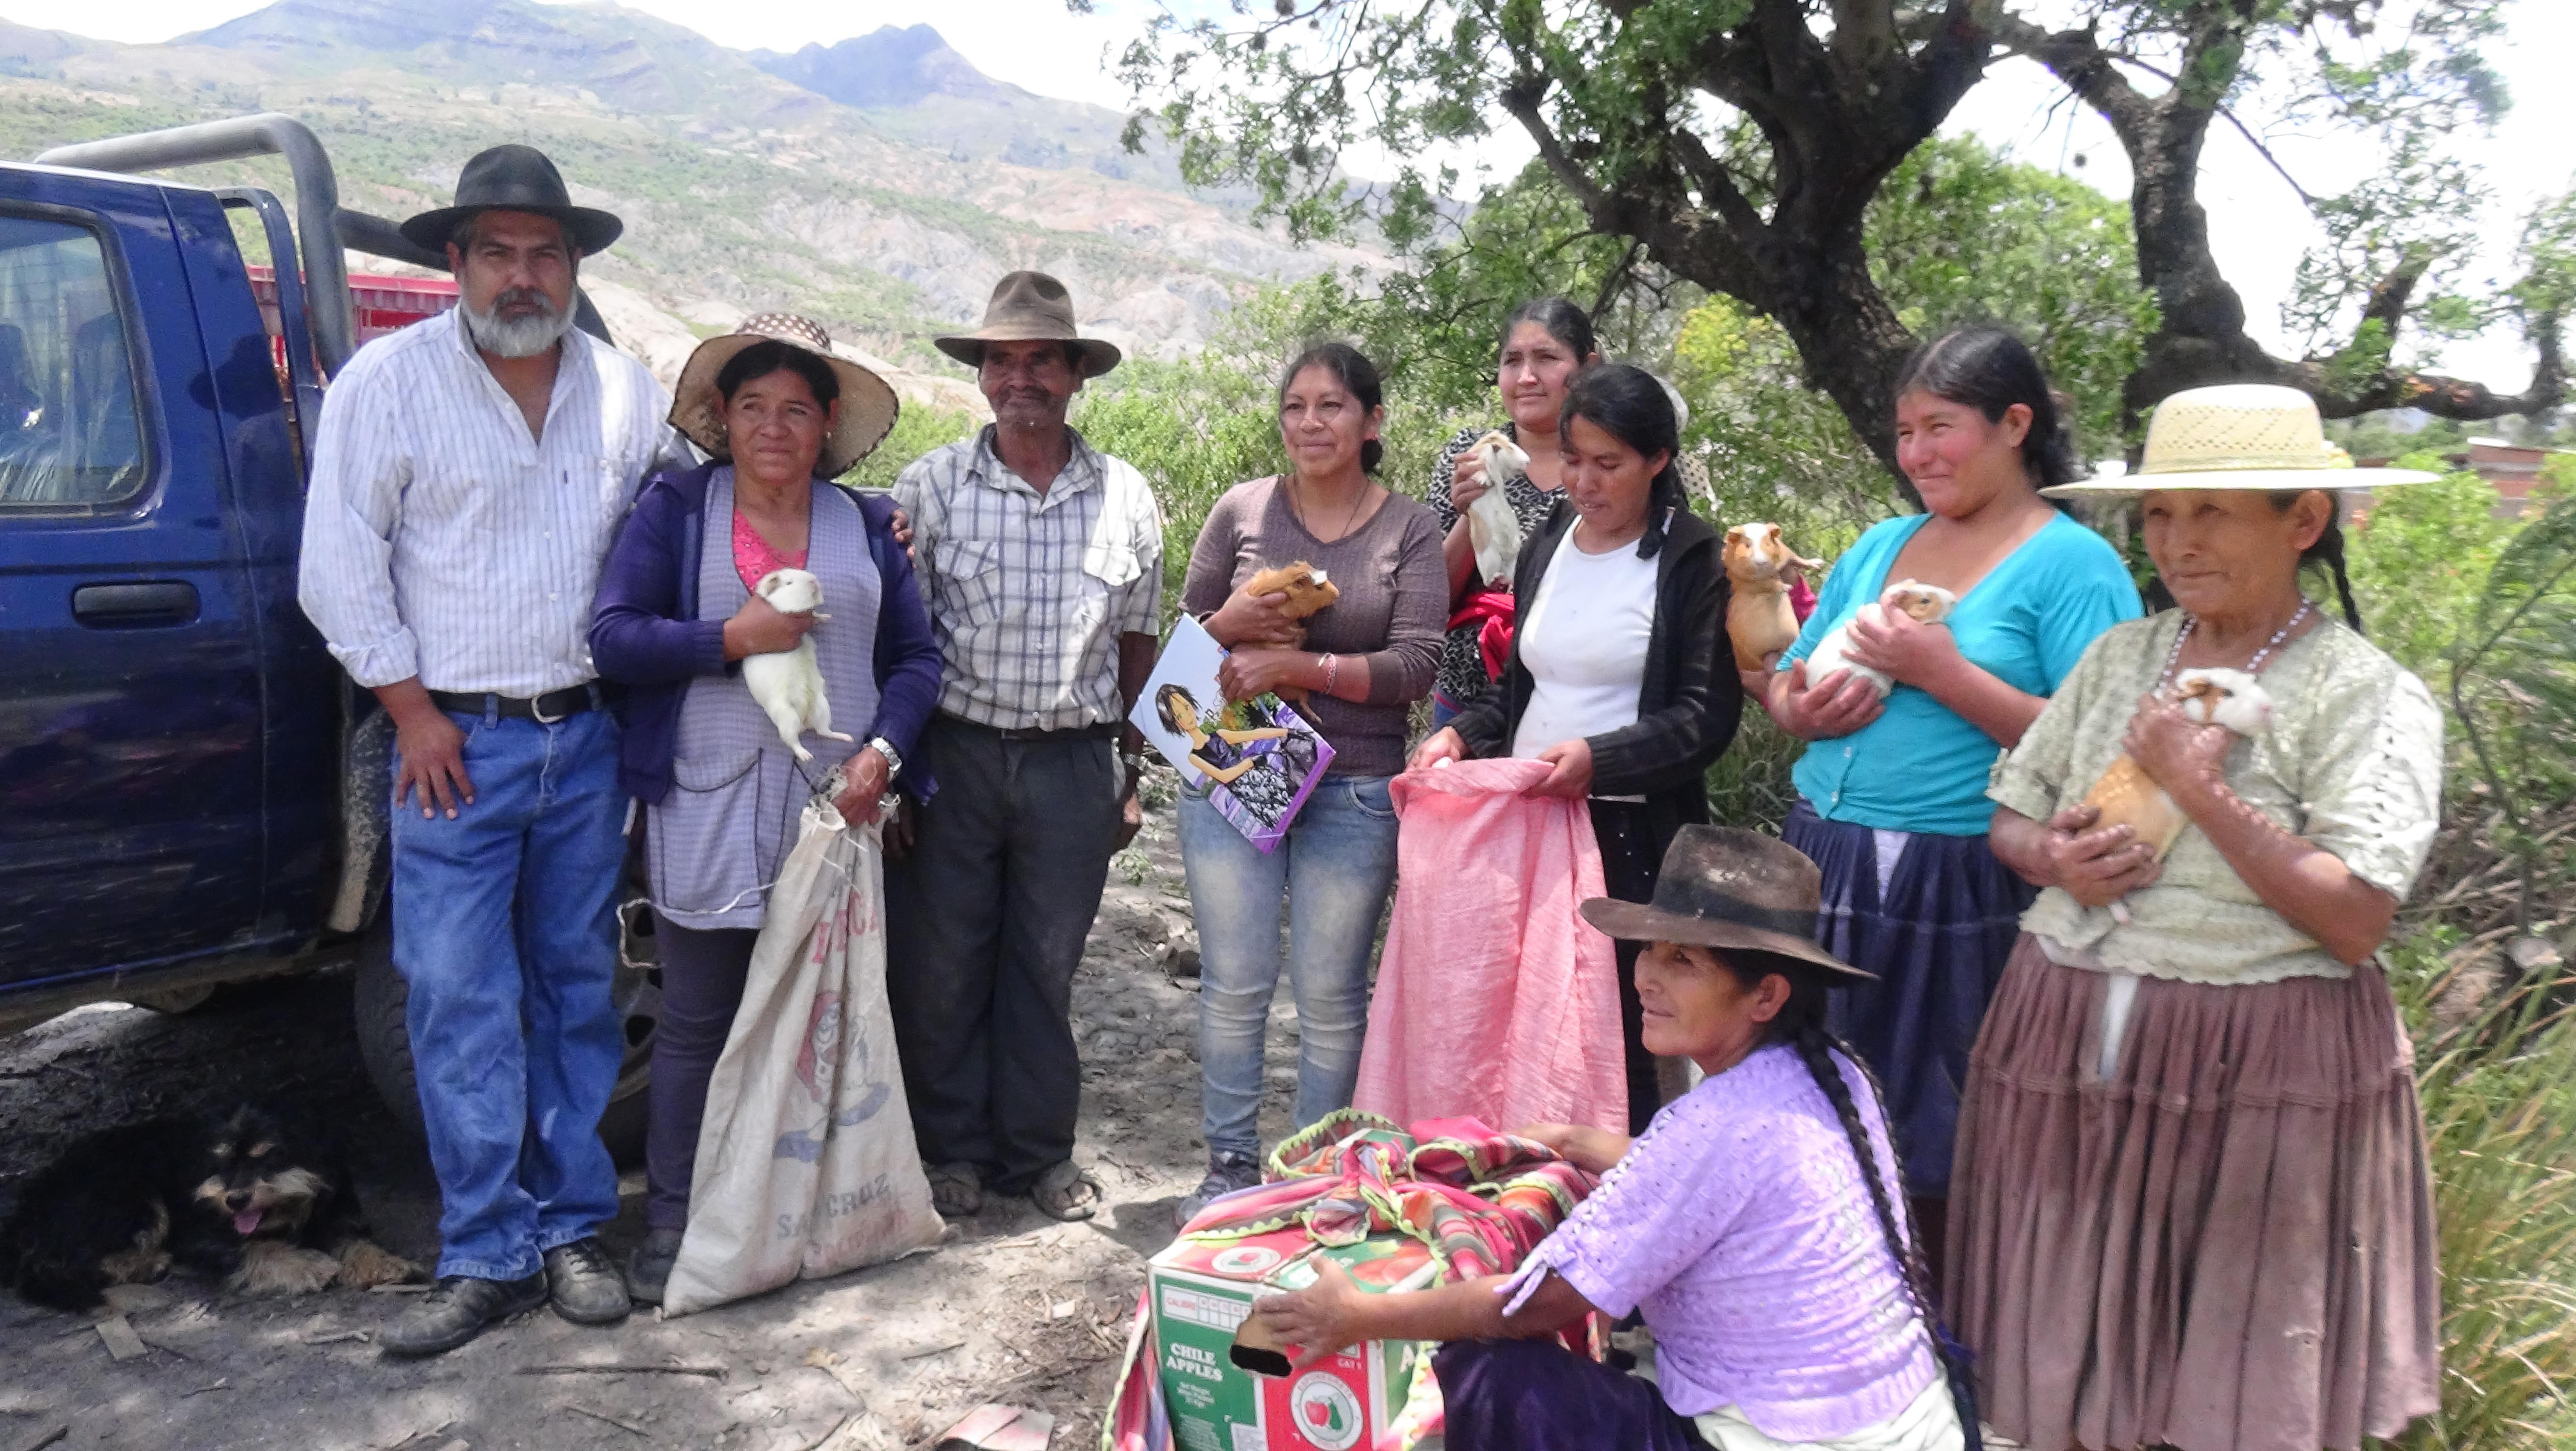 Las familias beneficiarias recibieron huertas organizadas con un amplio abanico de semillas y animales para consumo